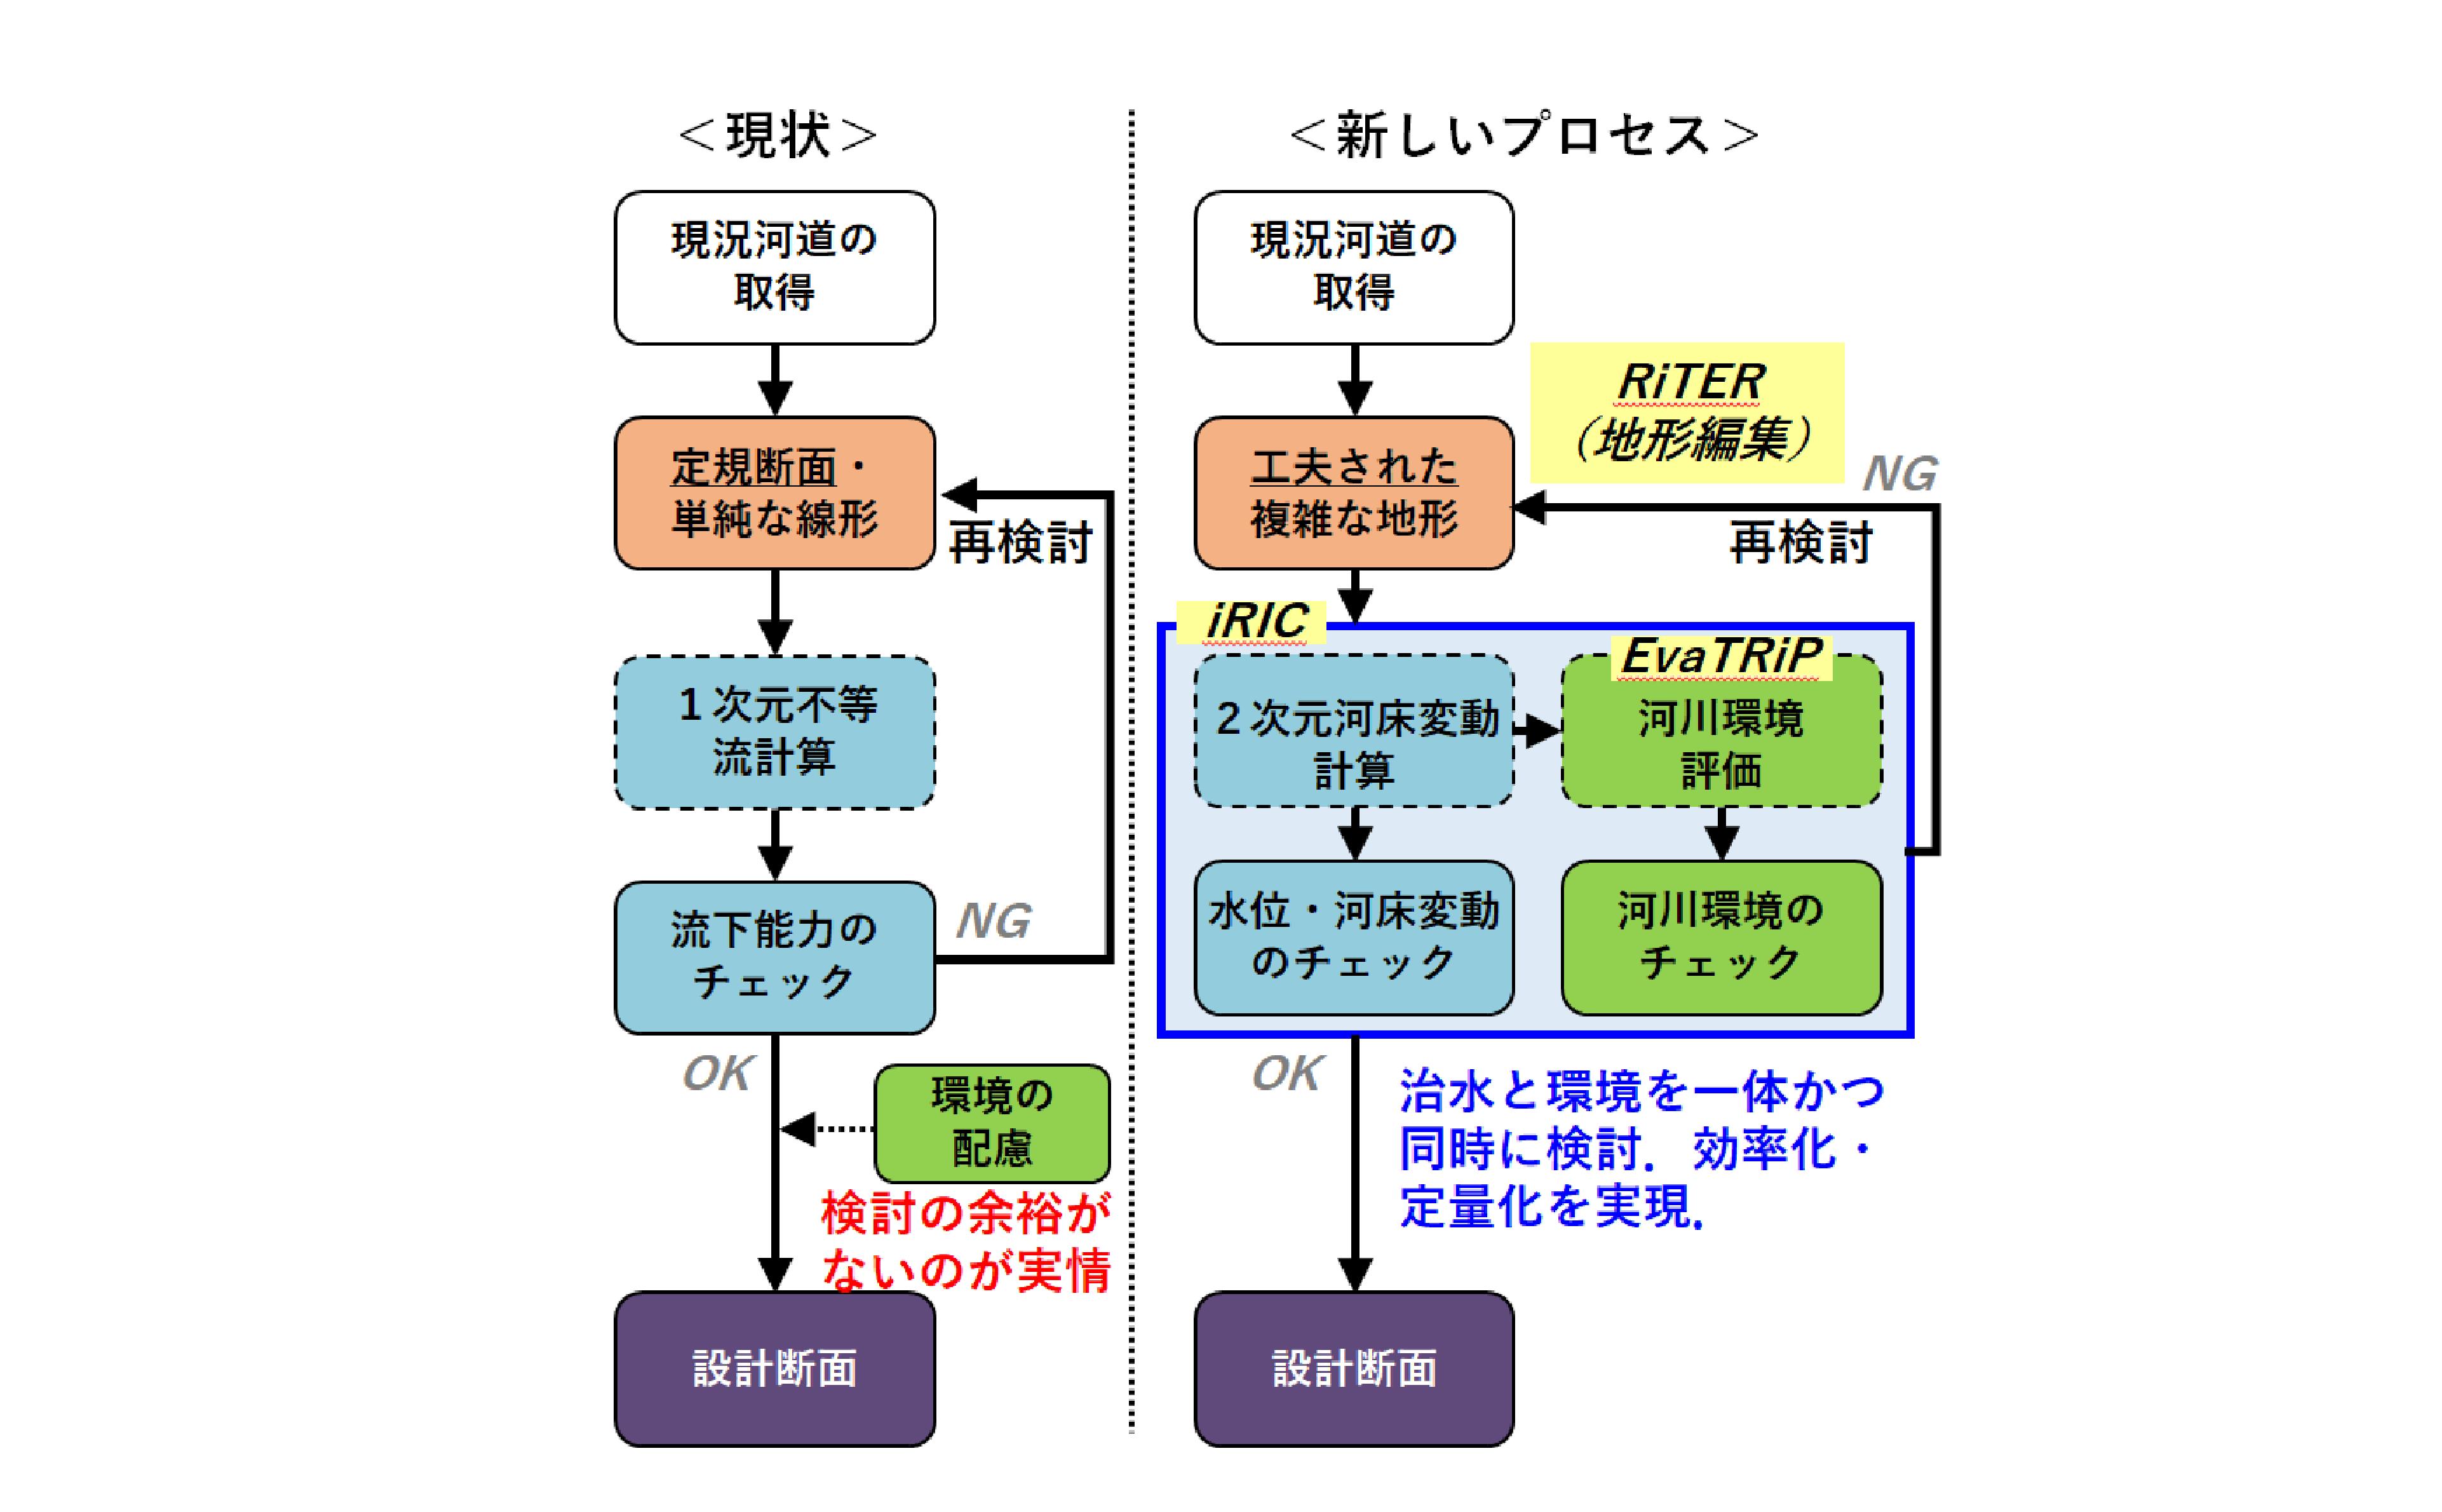 図-1 現状の河道設計プロセスと提案する新しい河道設計プロセス